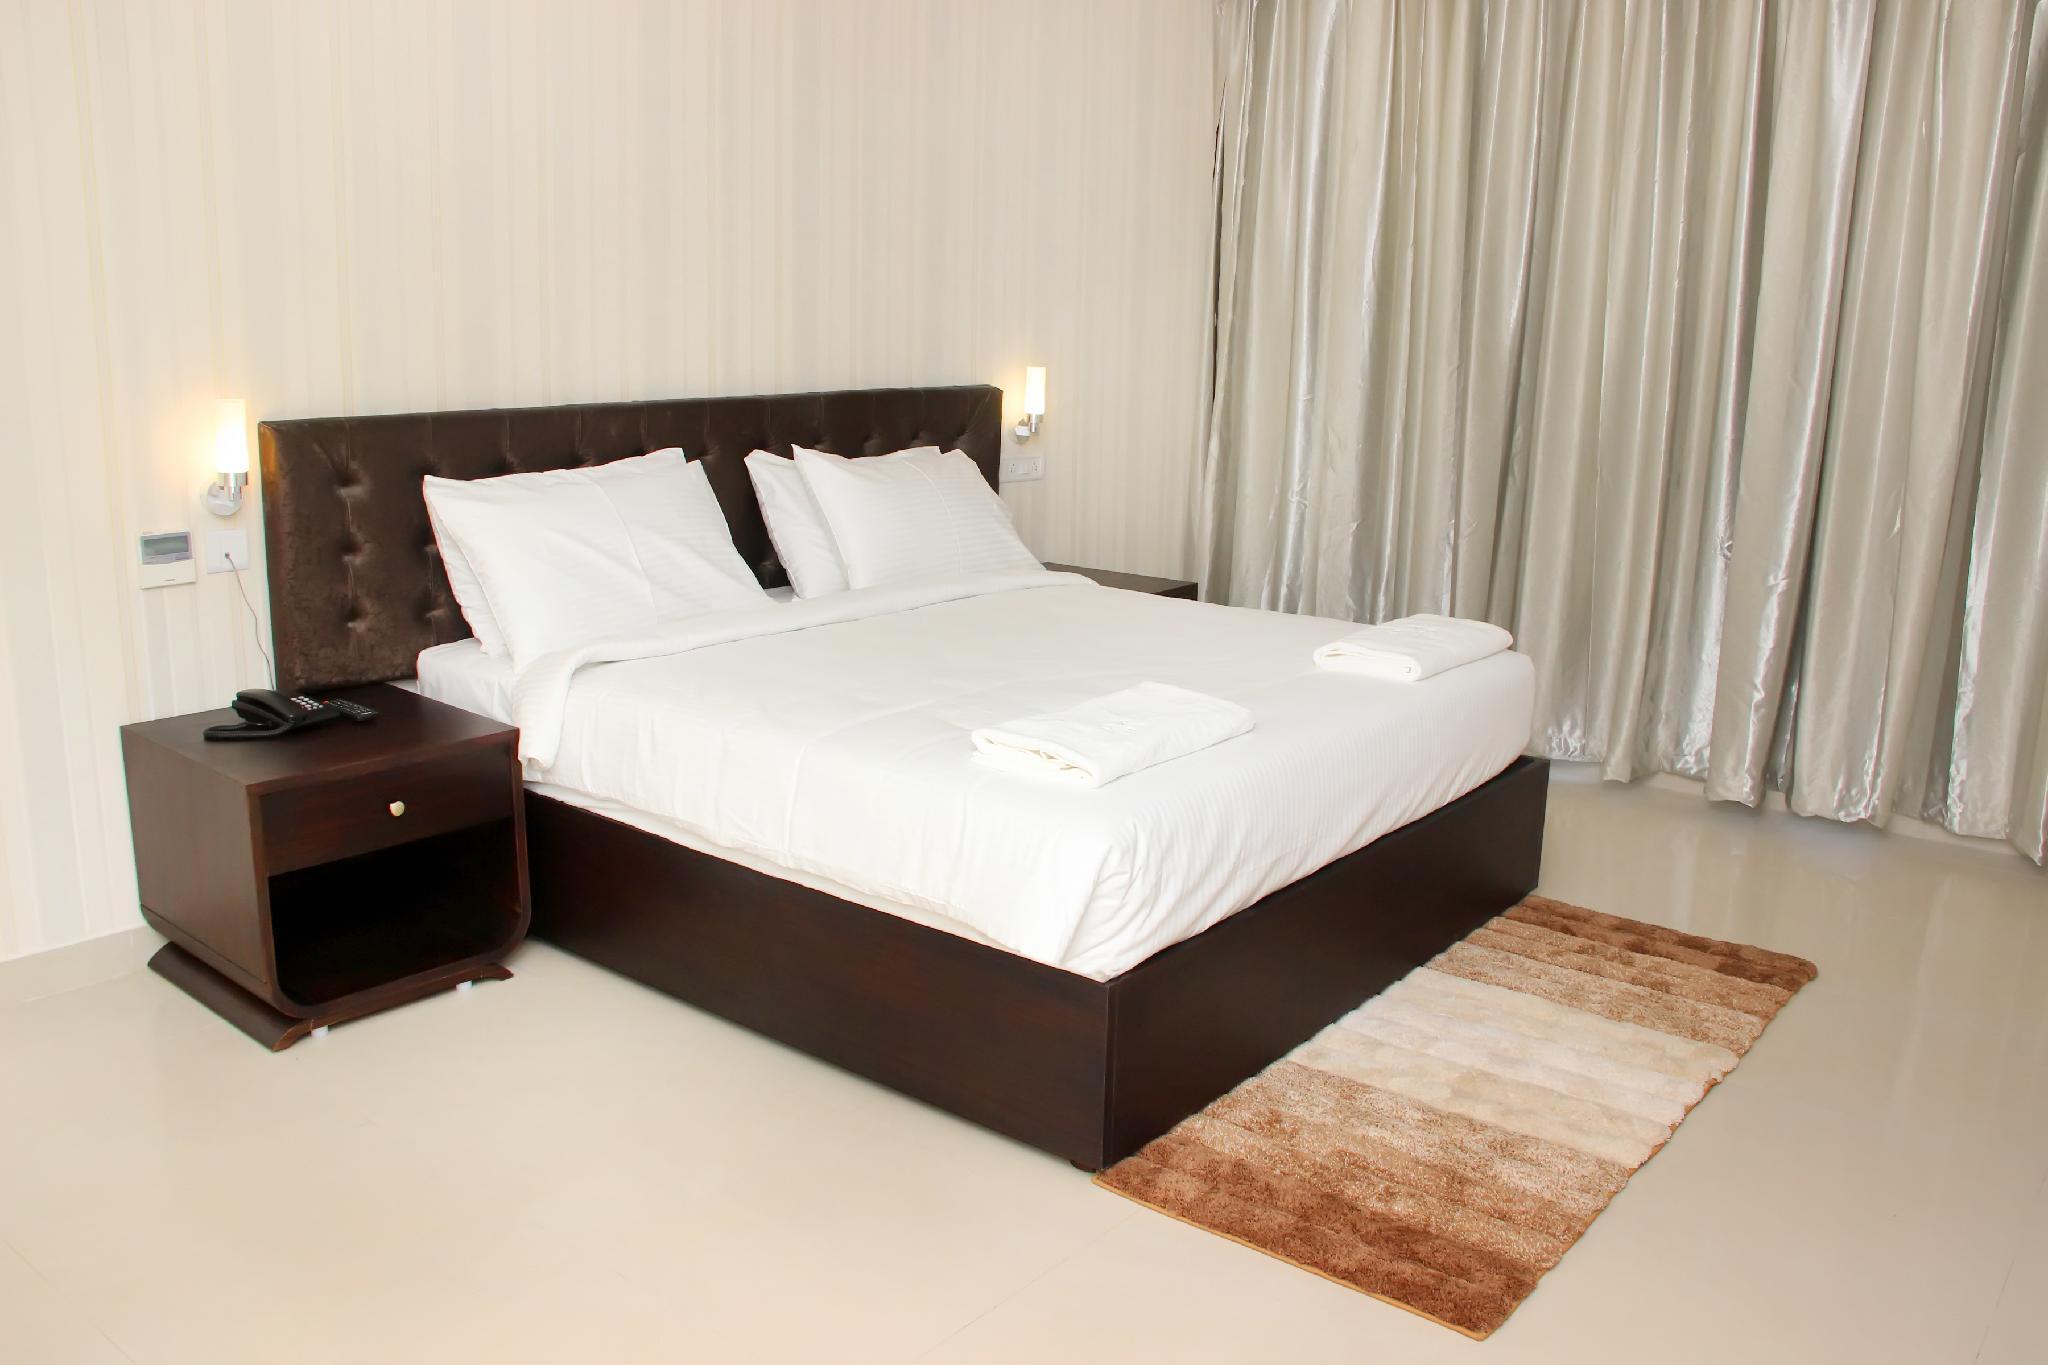 Saaral Resort Kutralam, Tirunelveli